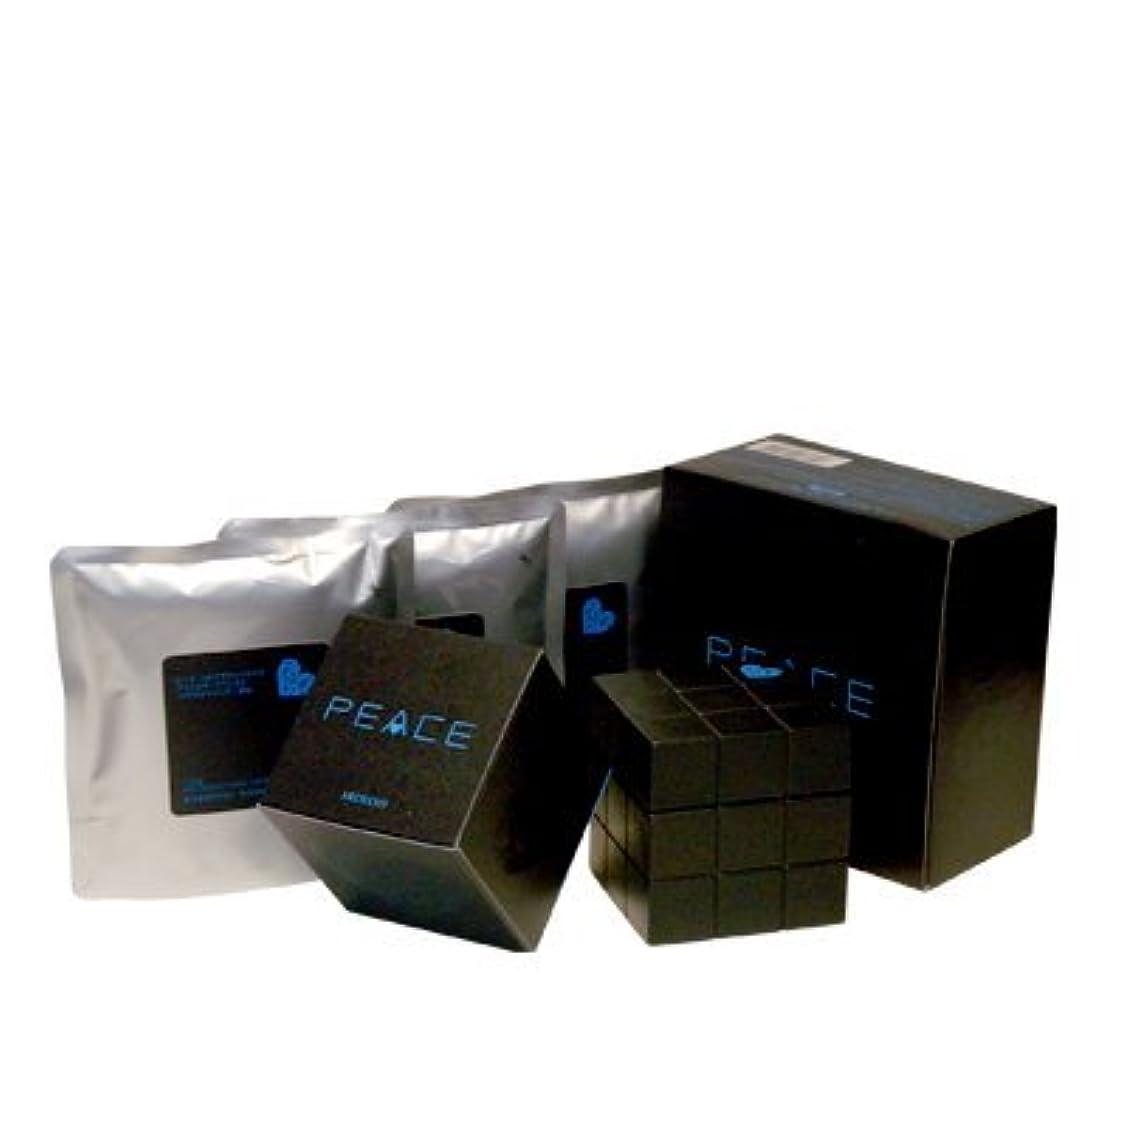 暴徒時折アライメントアリミノ ピース プロデザインシリーズ フリーズキープワックス ブラック80g+詰め替え80g×3